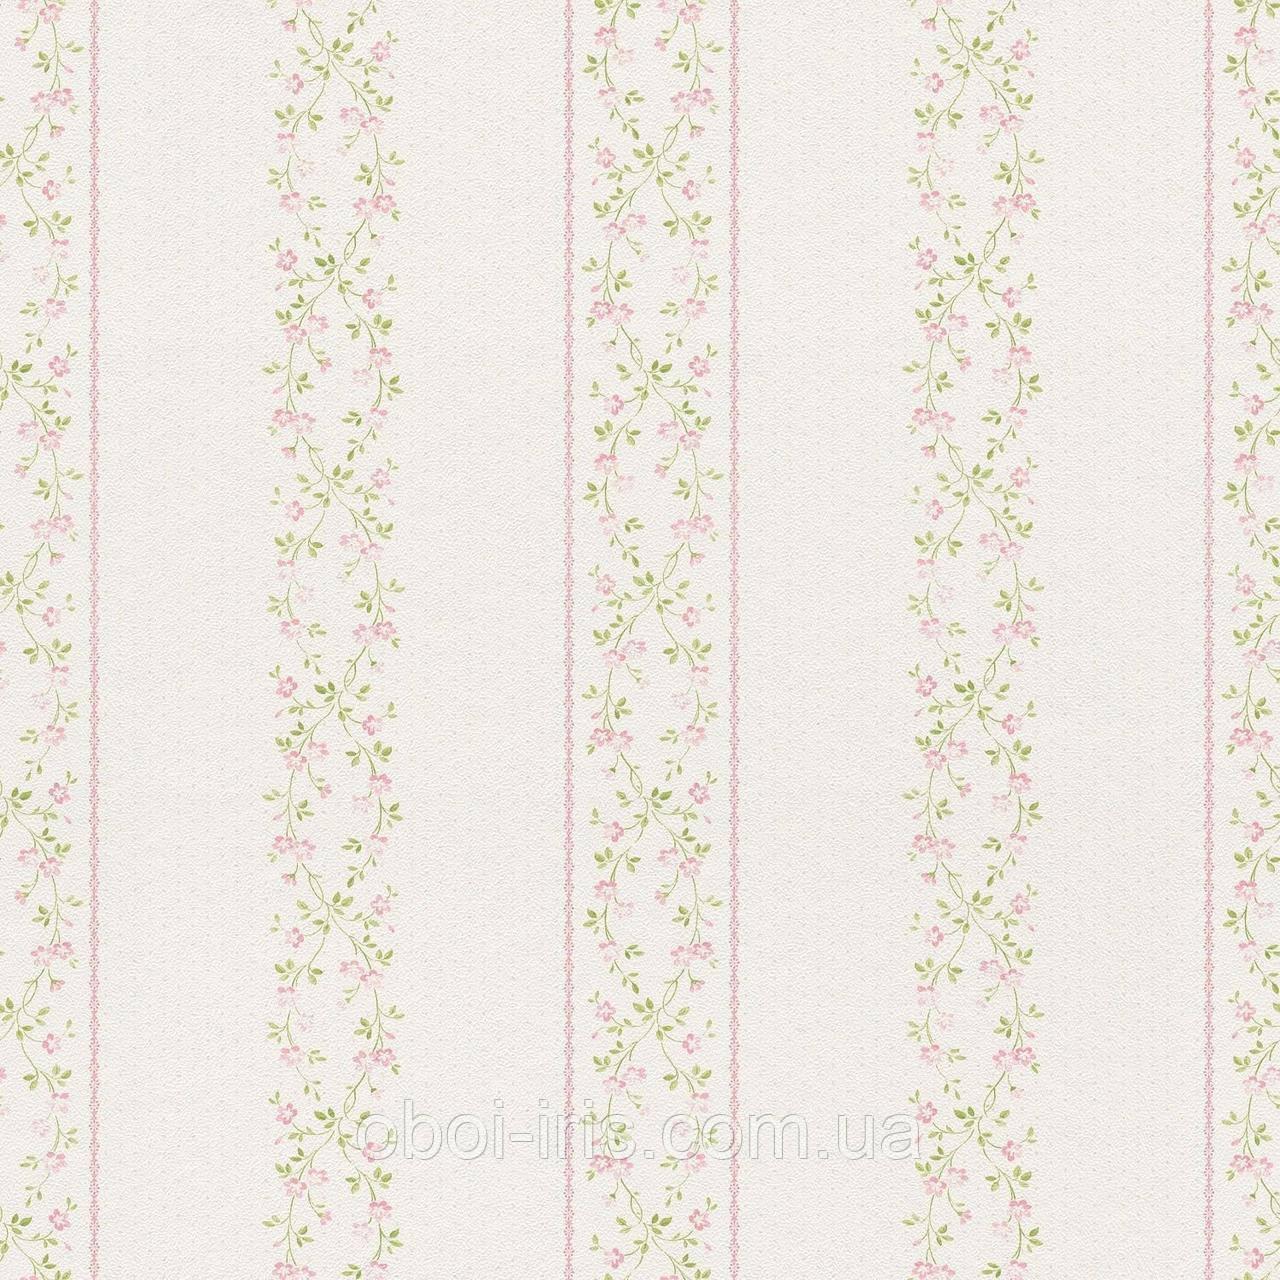 289090 обои Petite Fleur 4 Rasch Textil Германия виниловые на флизелиновой основе 0,53*10,05м